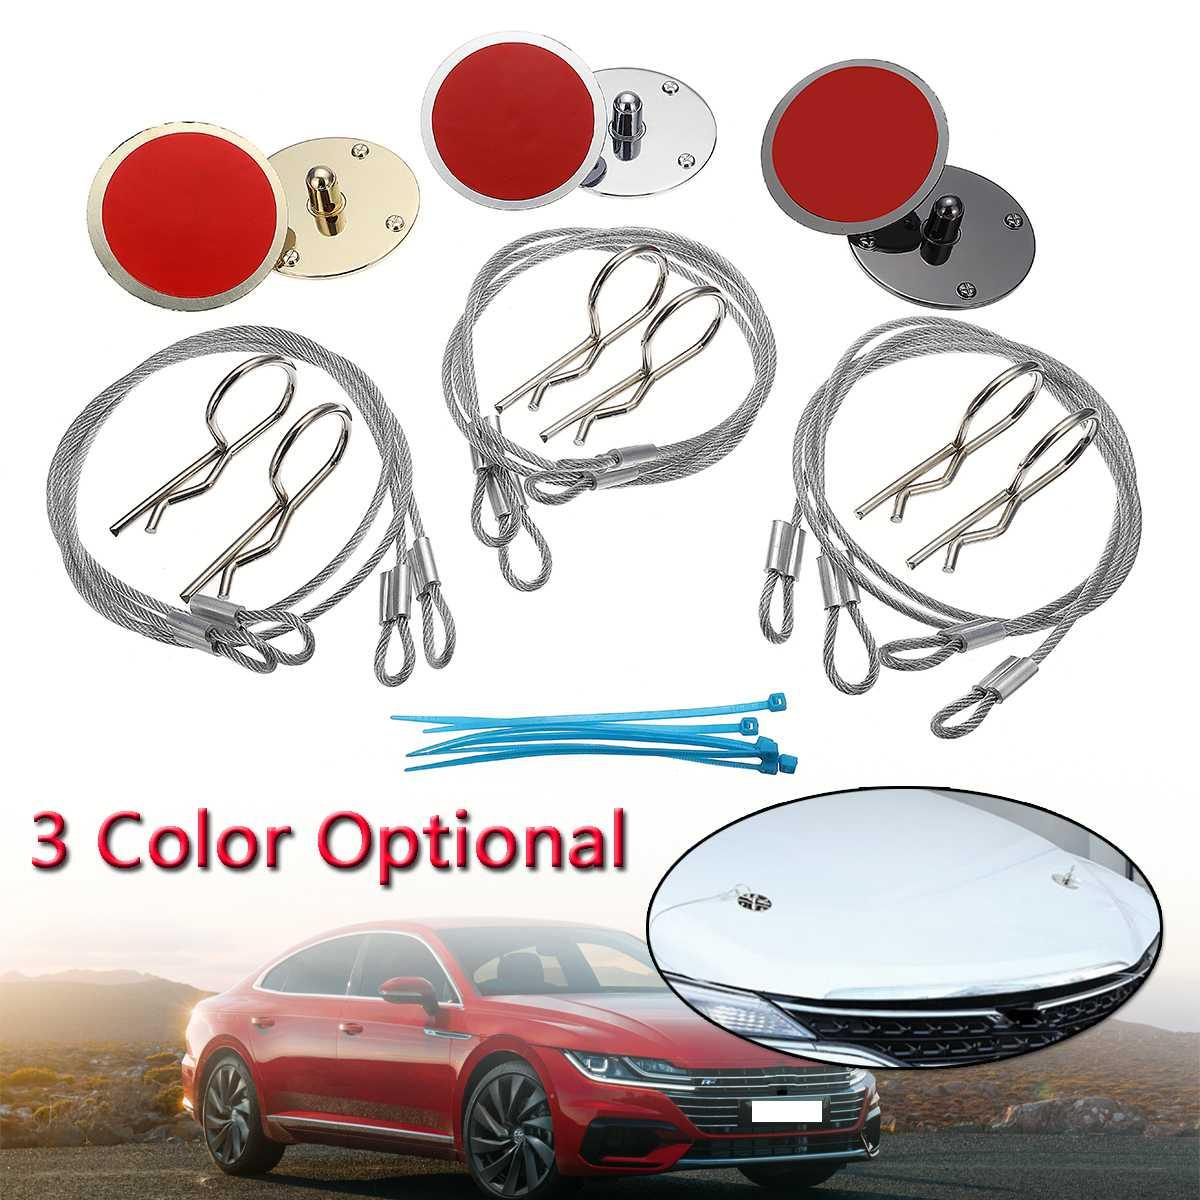 Nuovo 2 pz Auto Universale Anteriore Da Corsa Bonnet Hood Spille Blocco Aspetto Kit CNC In Alluminio Billet Titanio/Argento/ oro CUP561788